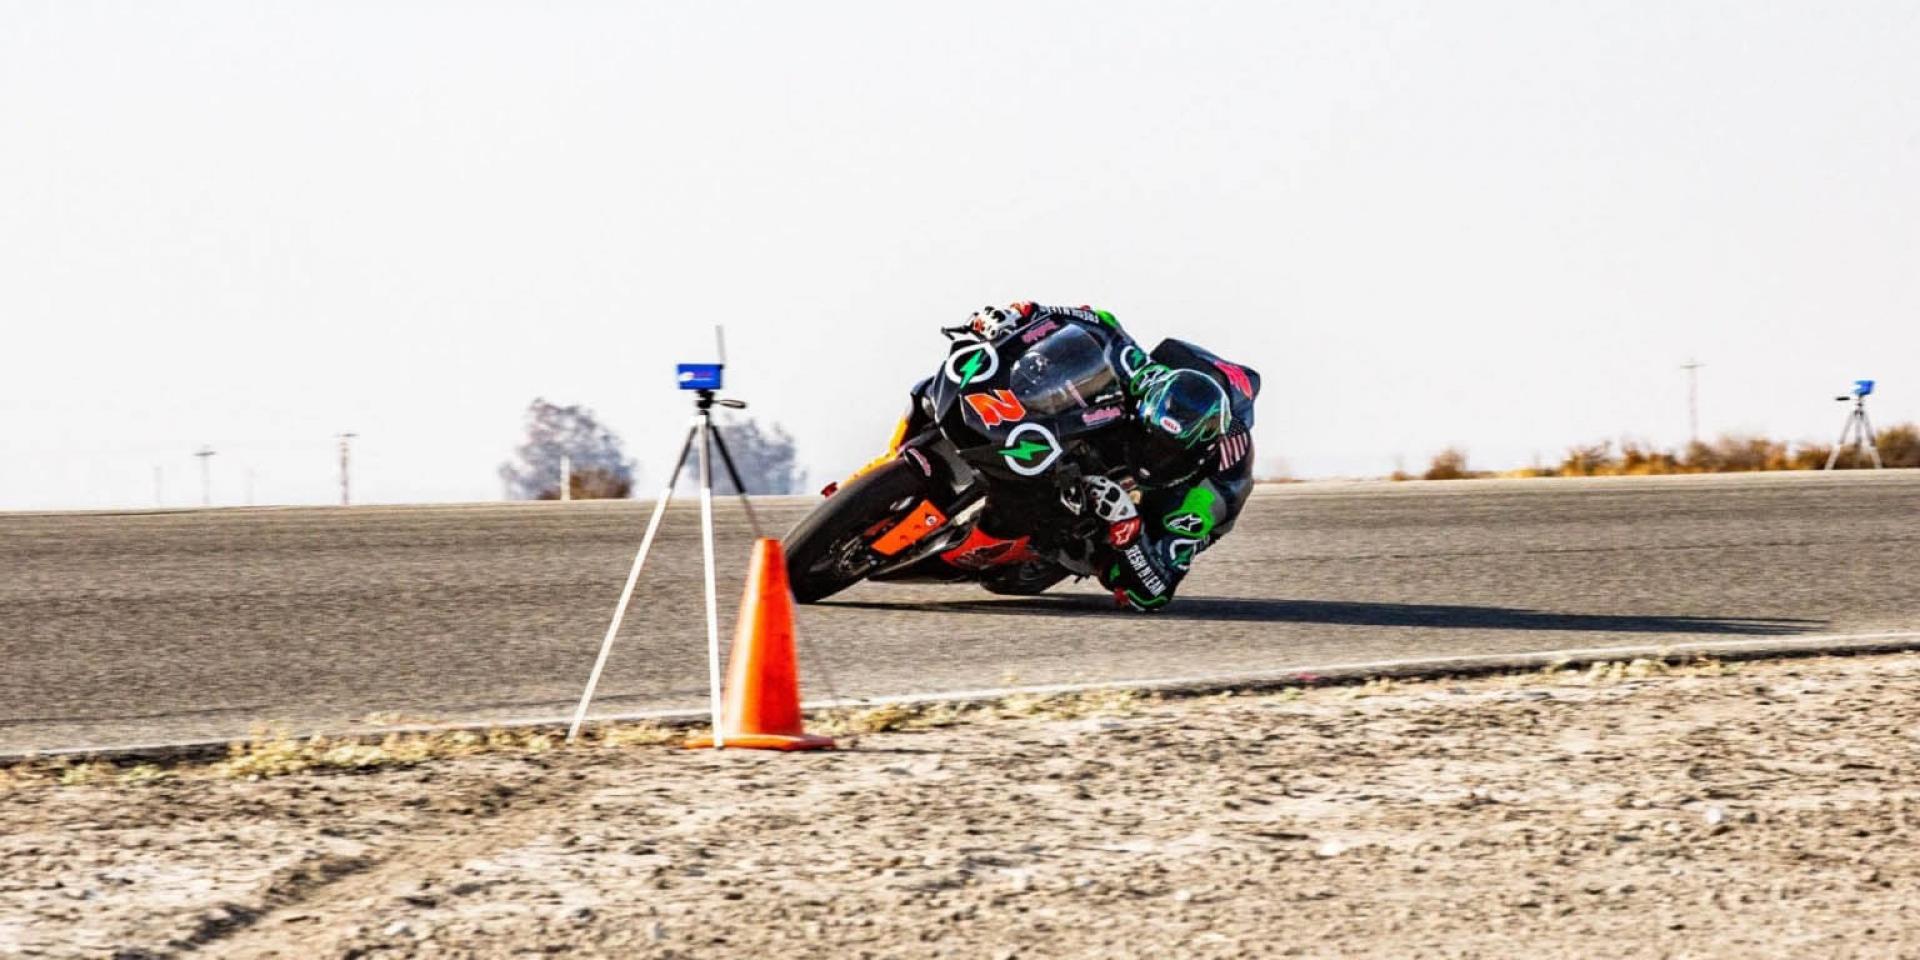 比Márquez還強!最速磨手肘記錄,時速高達162km/h